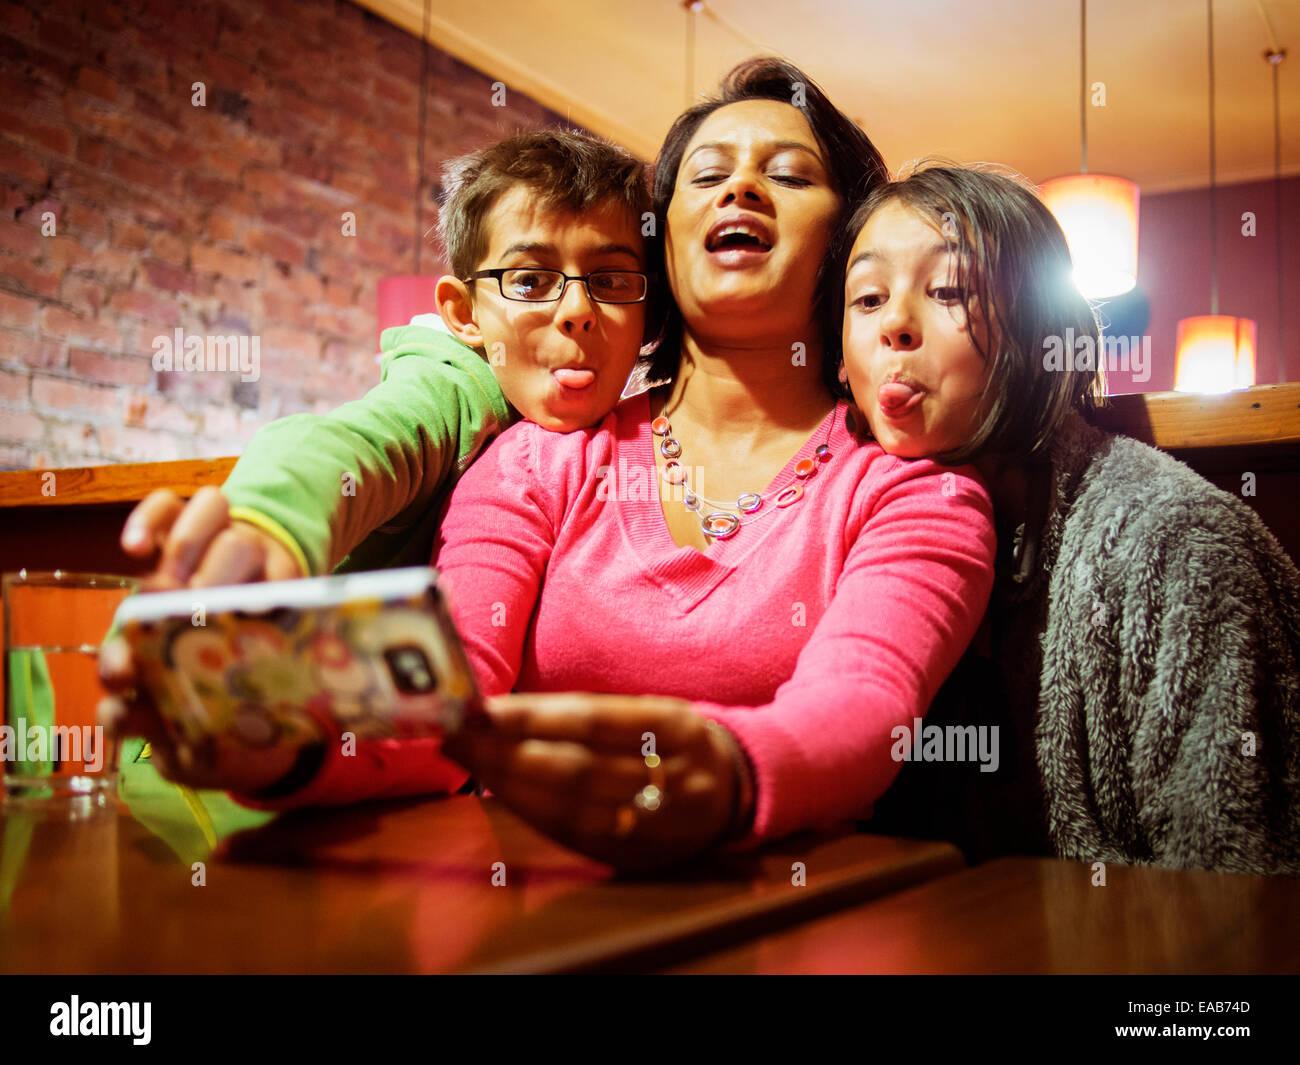 Femme prend sur selfies téléphone. Mère fille et fils. Photo Stock